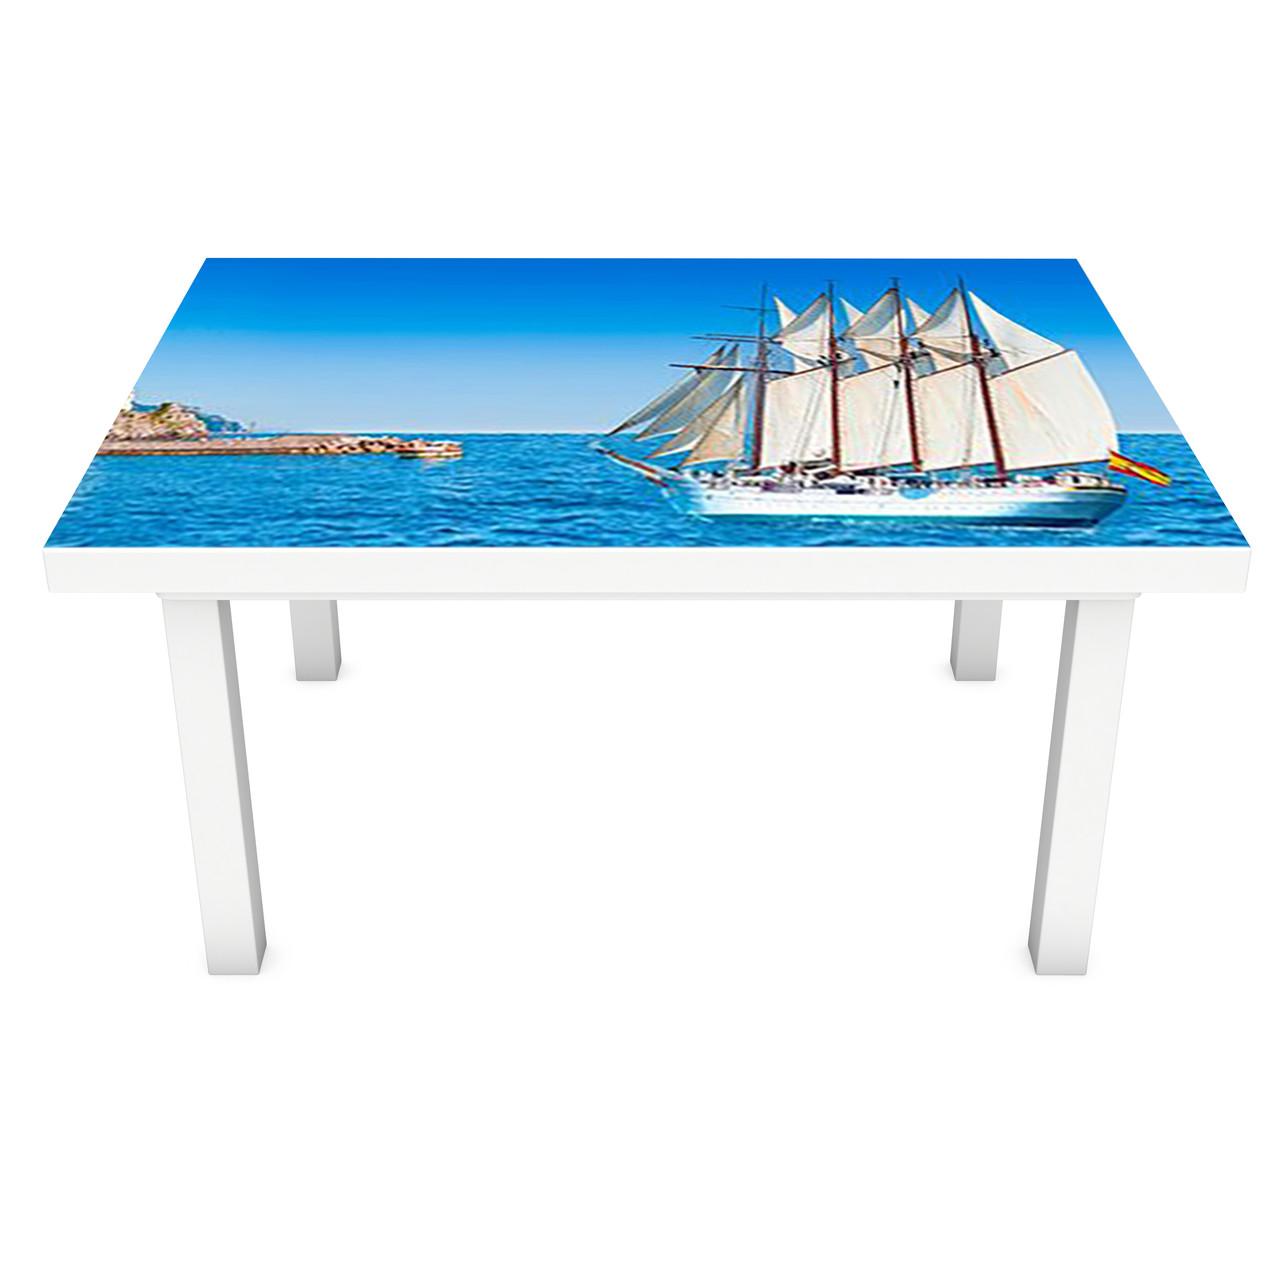 Наклейка на стол Белый Парусник (3Д виниловая пленка ПВХ) корабль Море Голубой 600*1200 мм